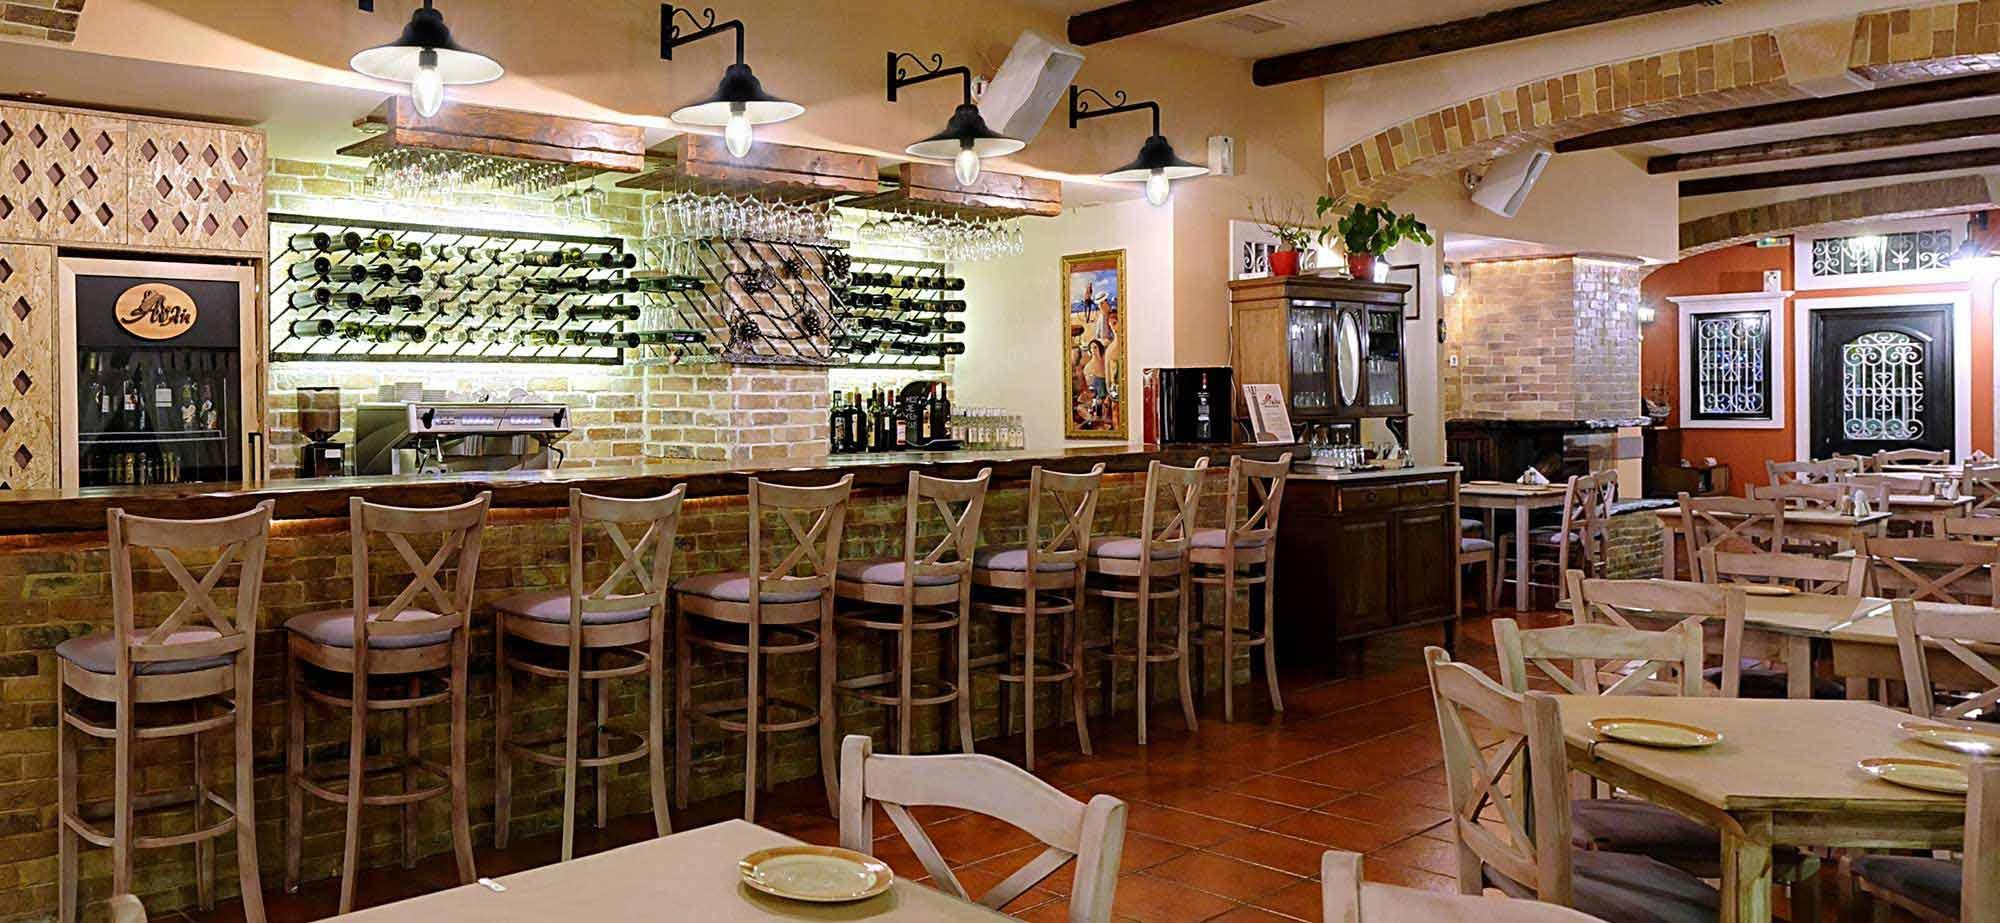 3-avli-restaurant-corfu-2000x924